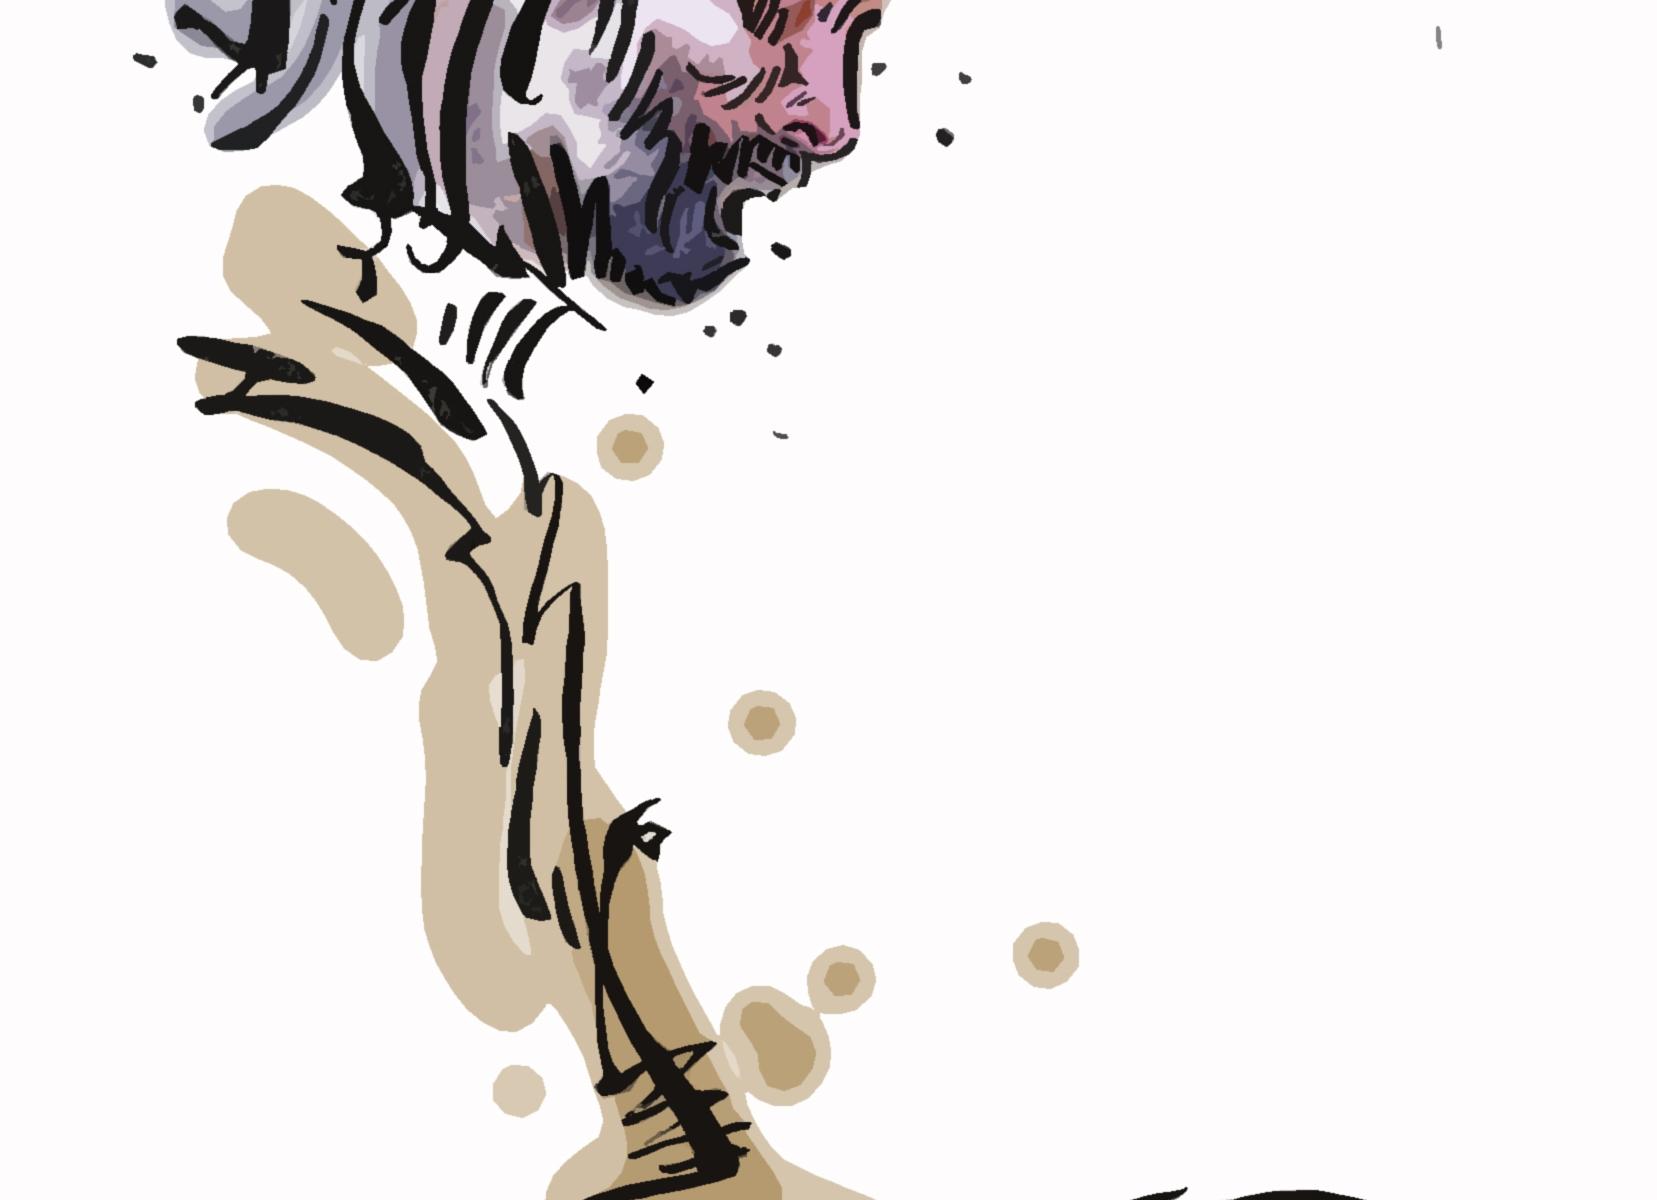 Juan María Solare - dibujo por Alban Low